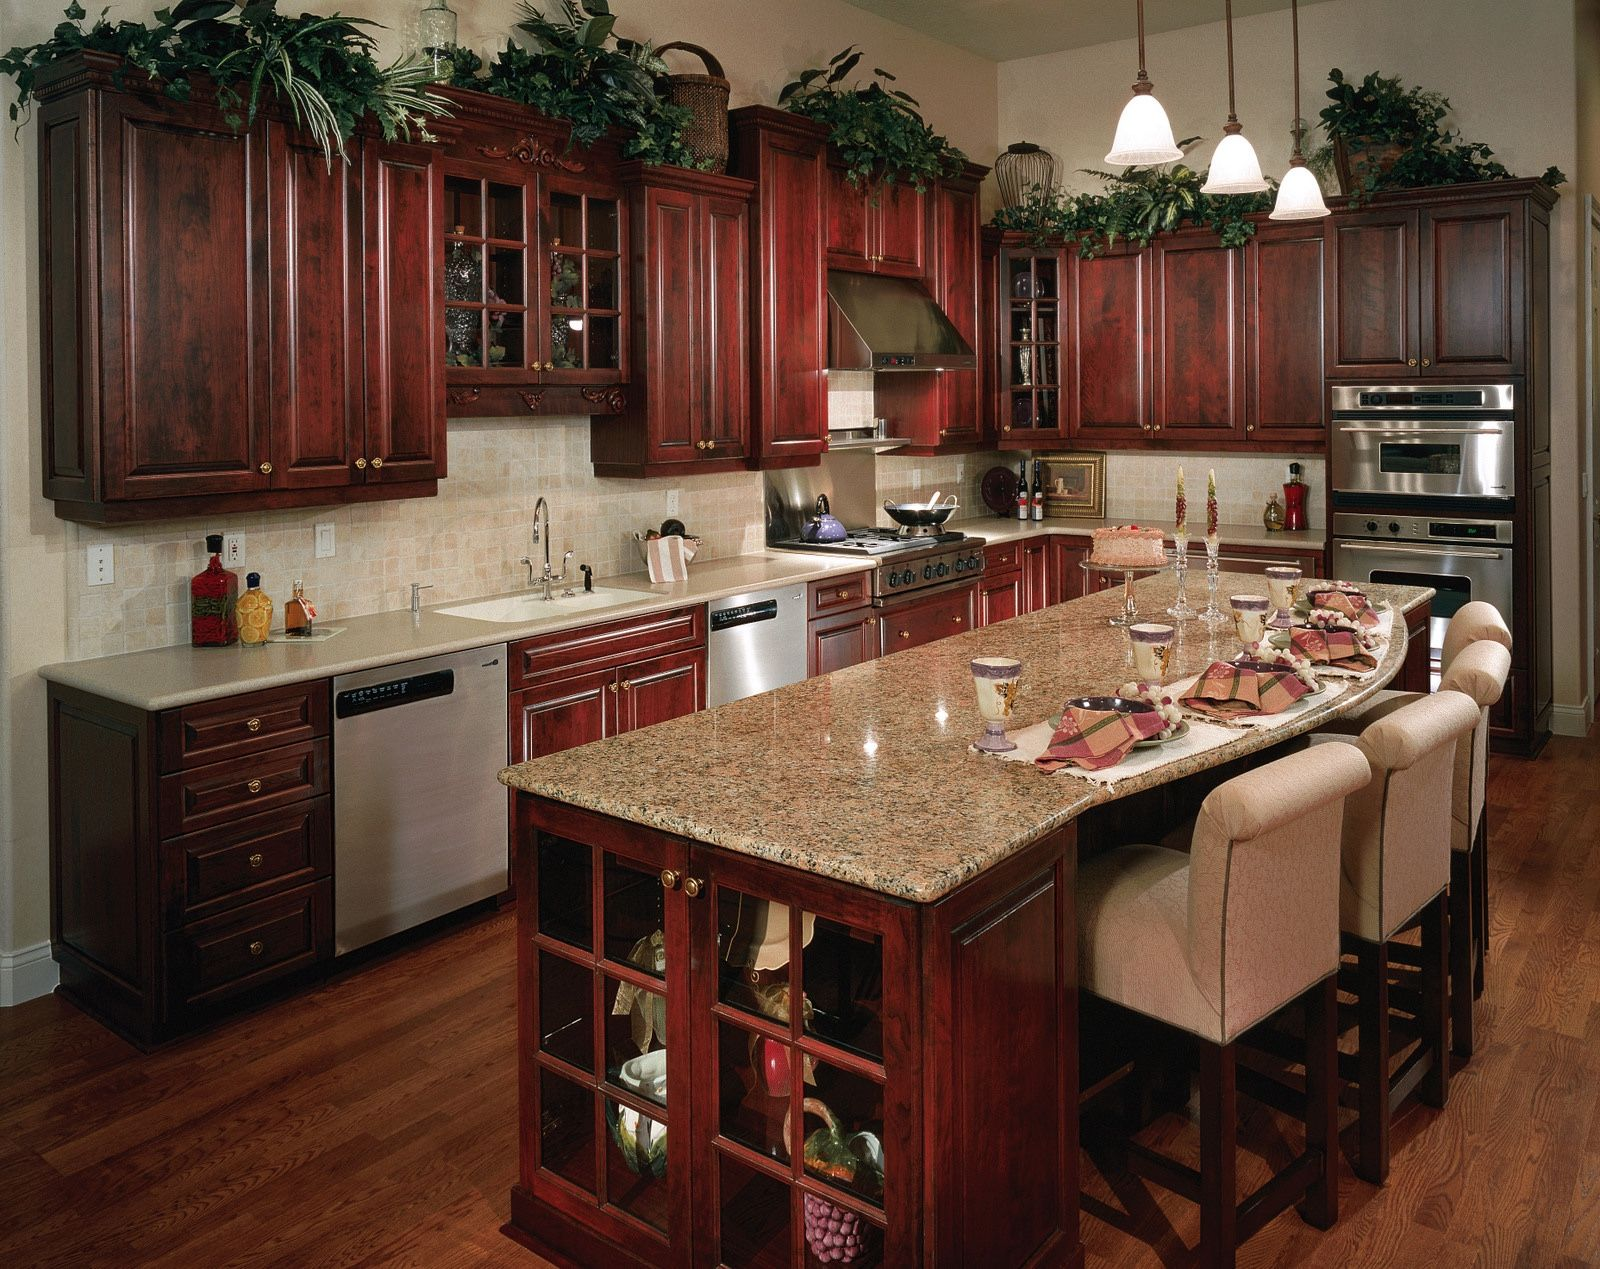 Küche interieur farbschemata küche farben mit kirsche schränke  ein frühstücksbar kann man die